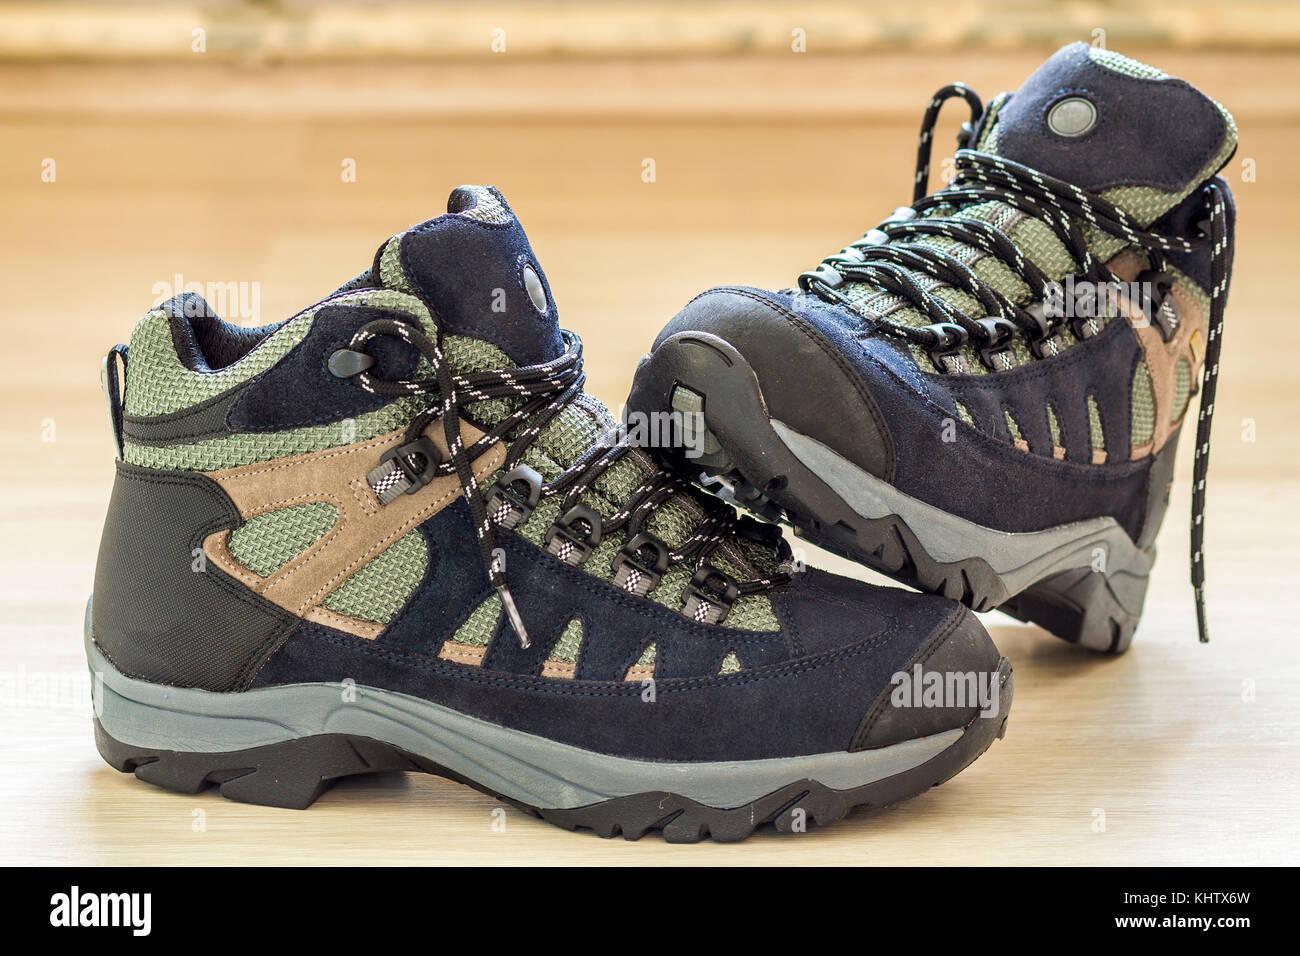 Cheaper prezzi incredibili vendita scontata Il nuovo quartiere alla moda di escursionismo scarponi da montagna ...